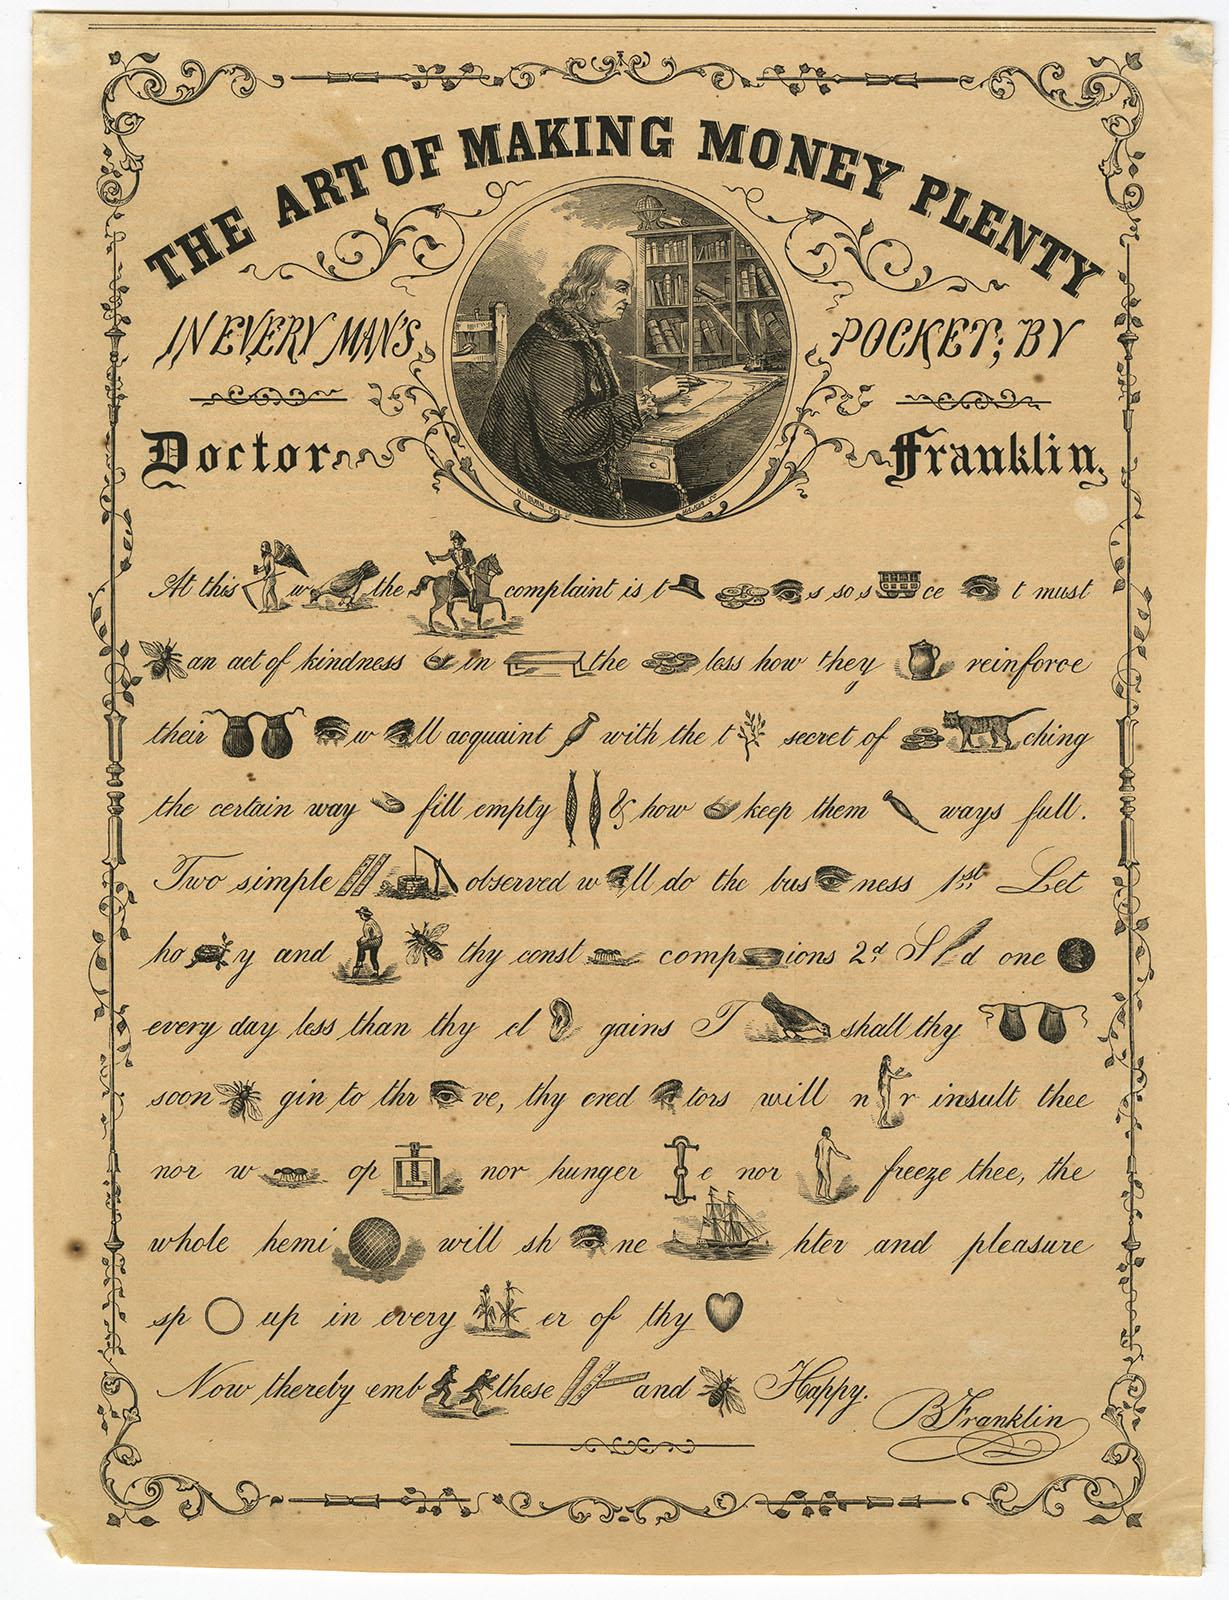 """""""The Art of Making Money Plenty,"""" in Gleason's Pictorial, v. 6 (1854)."""